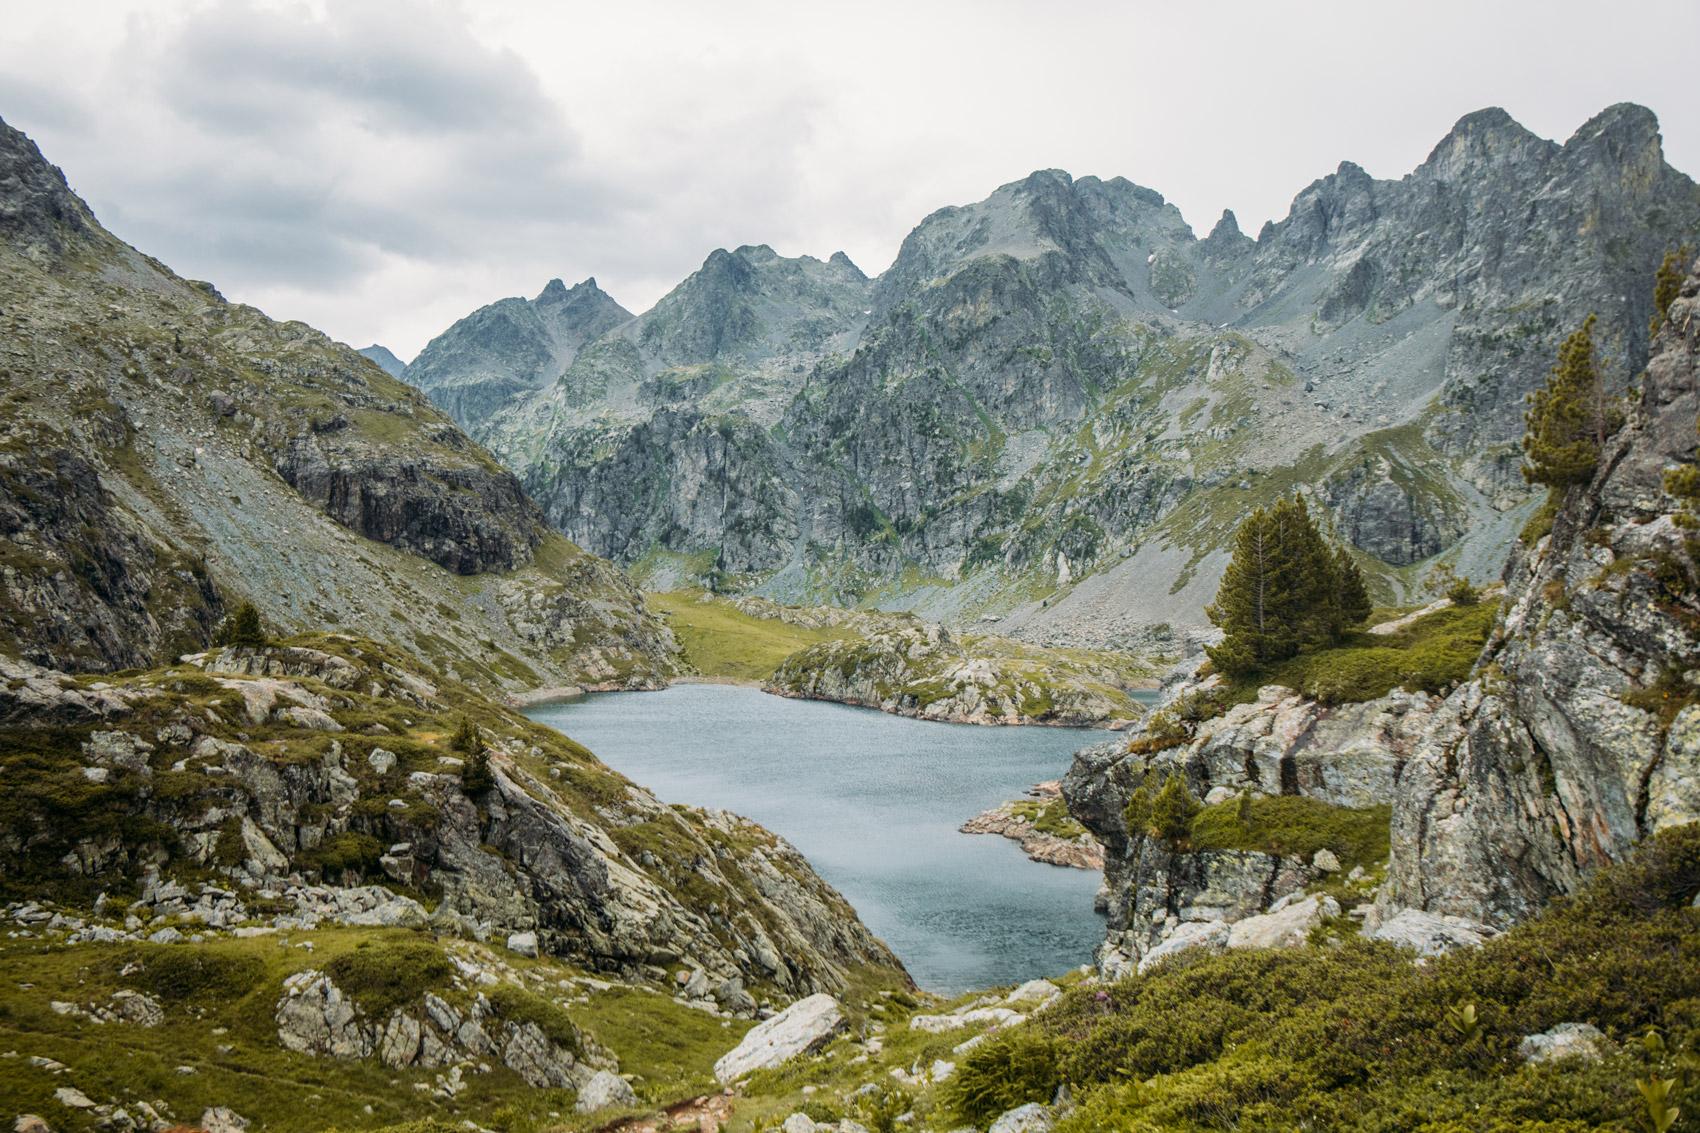 randonnée aux lacs Robert depuis Chamrousse